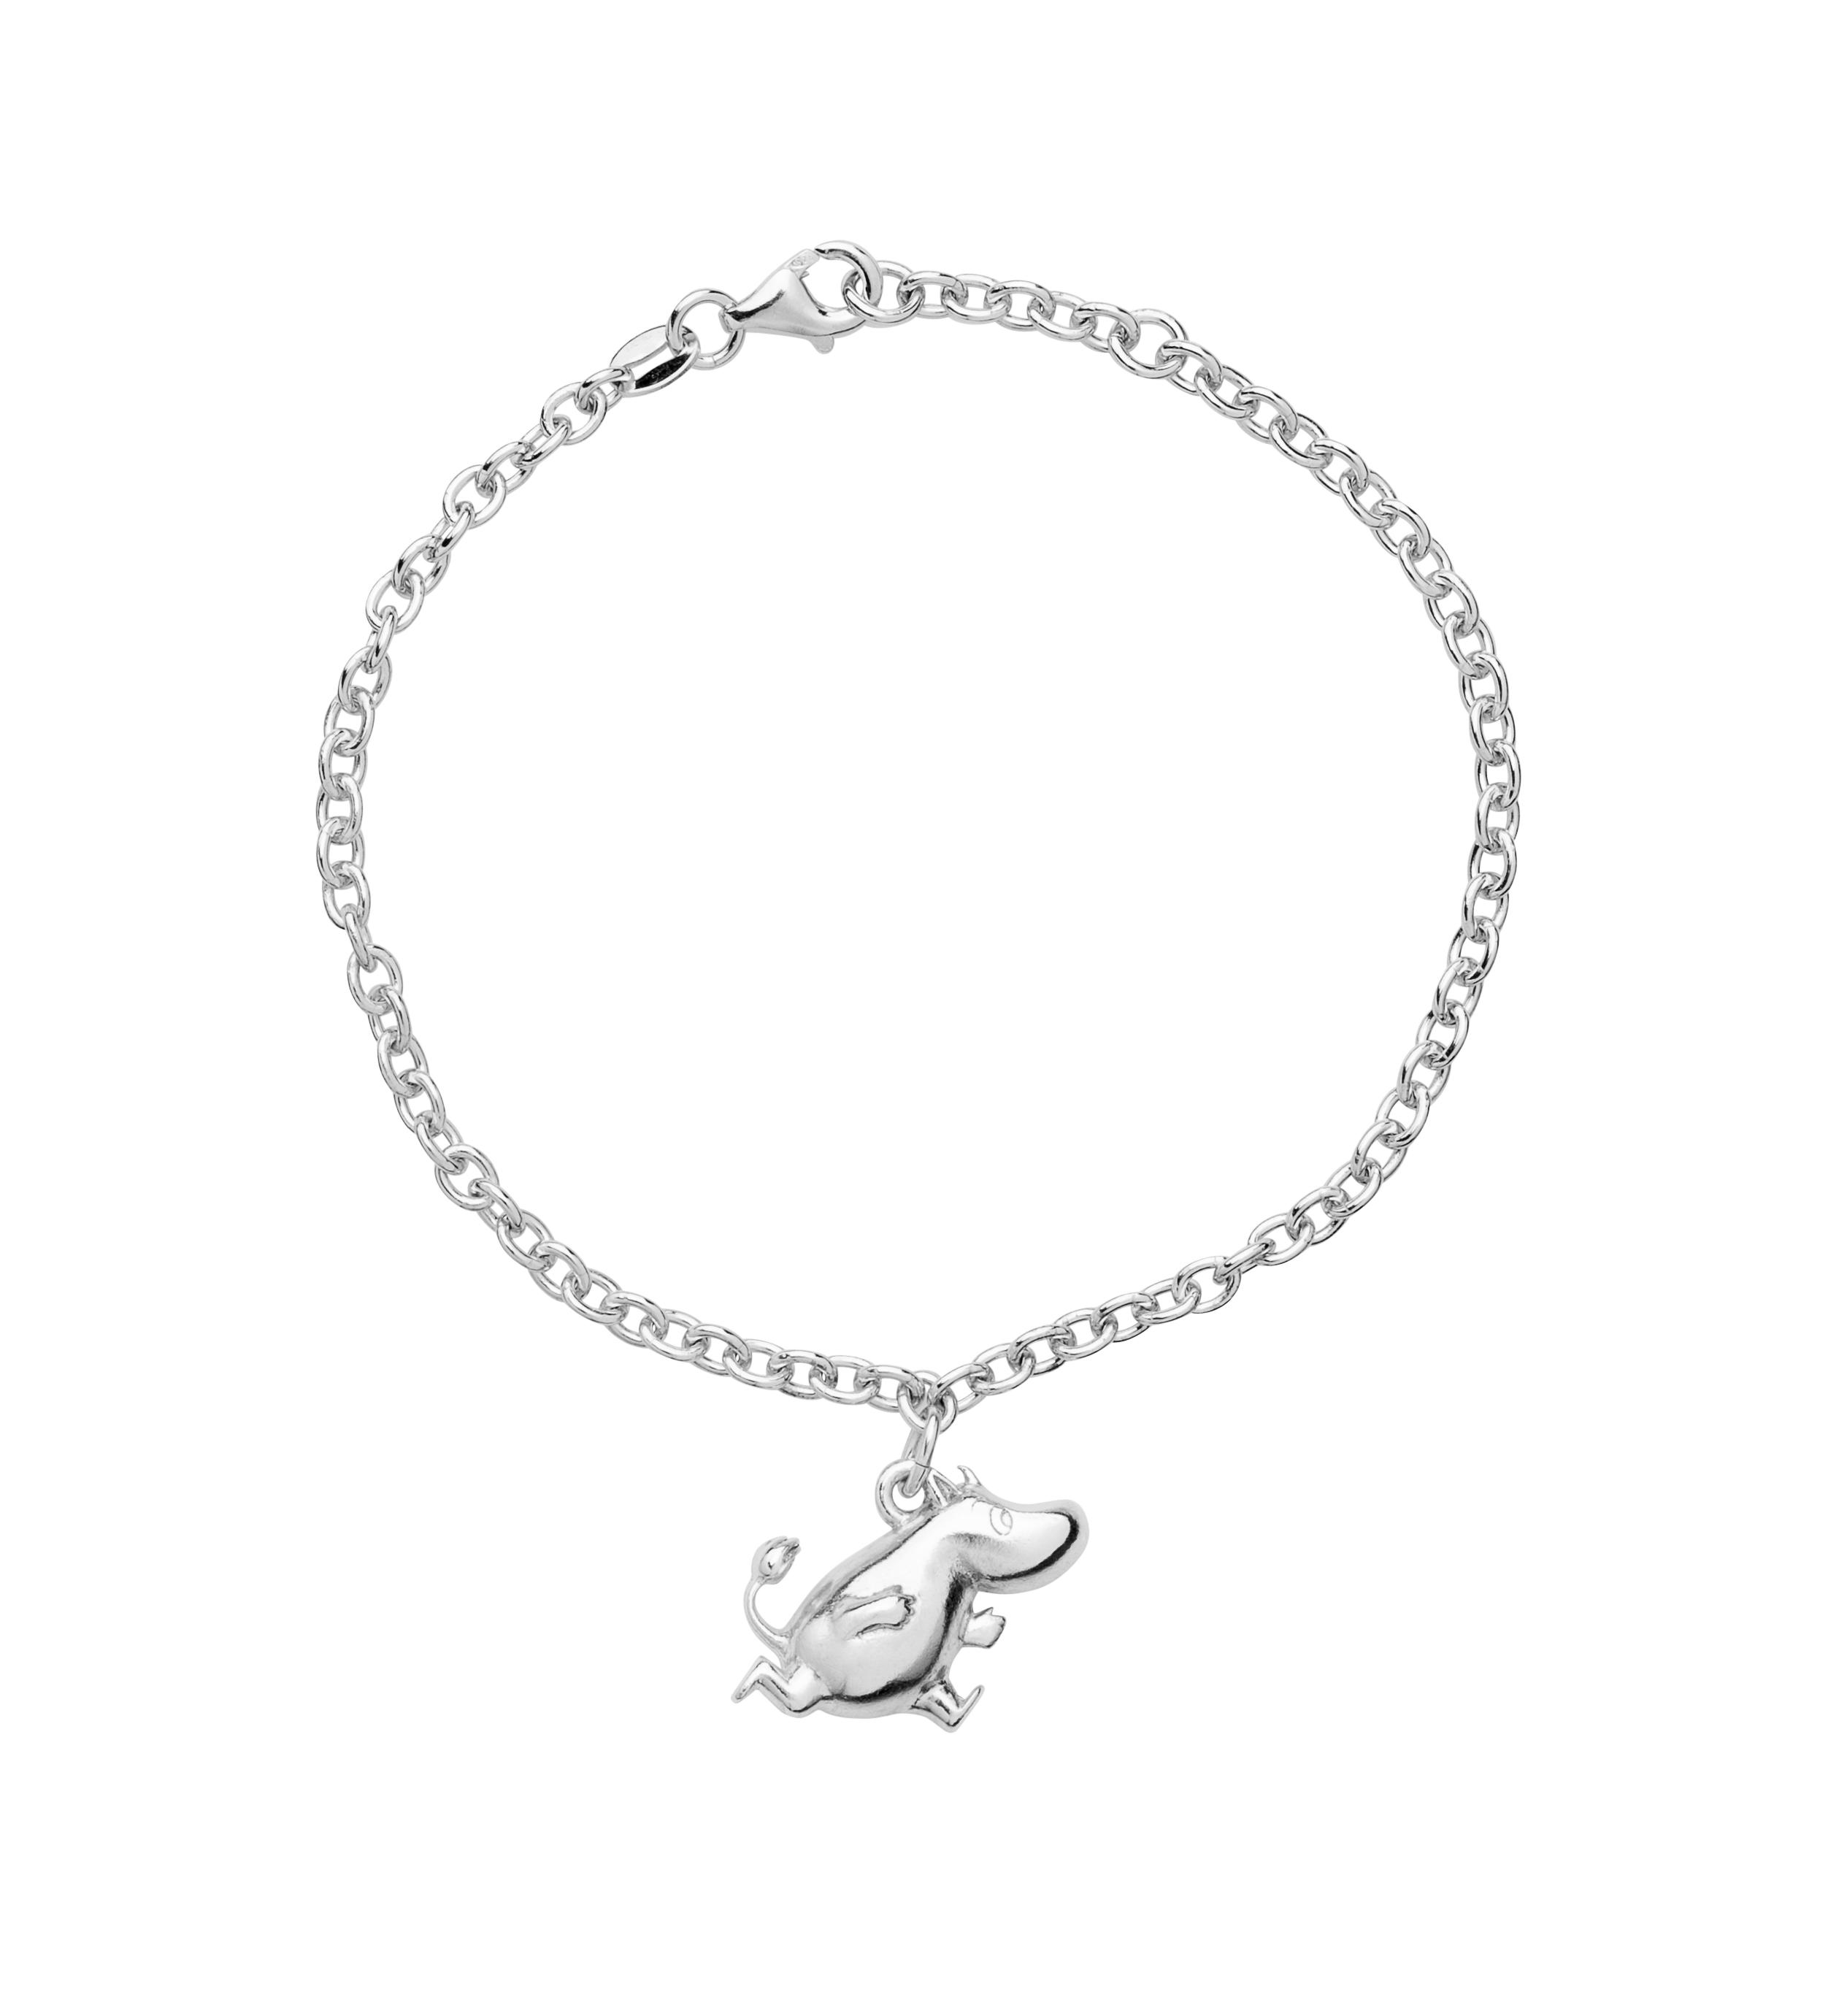 Saurum Moomintroll silver bracelet